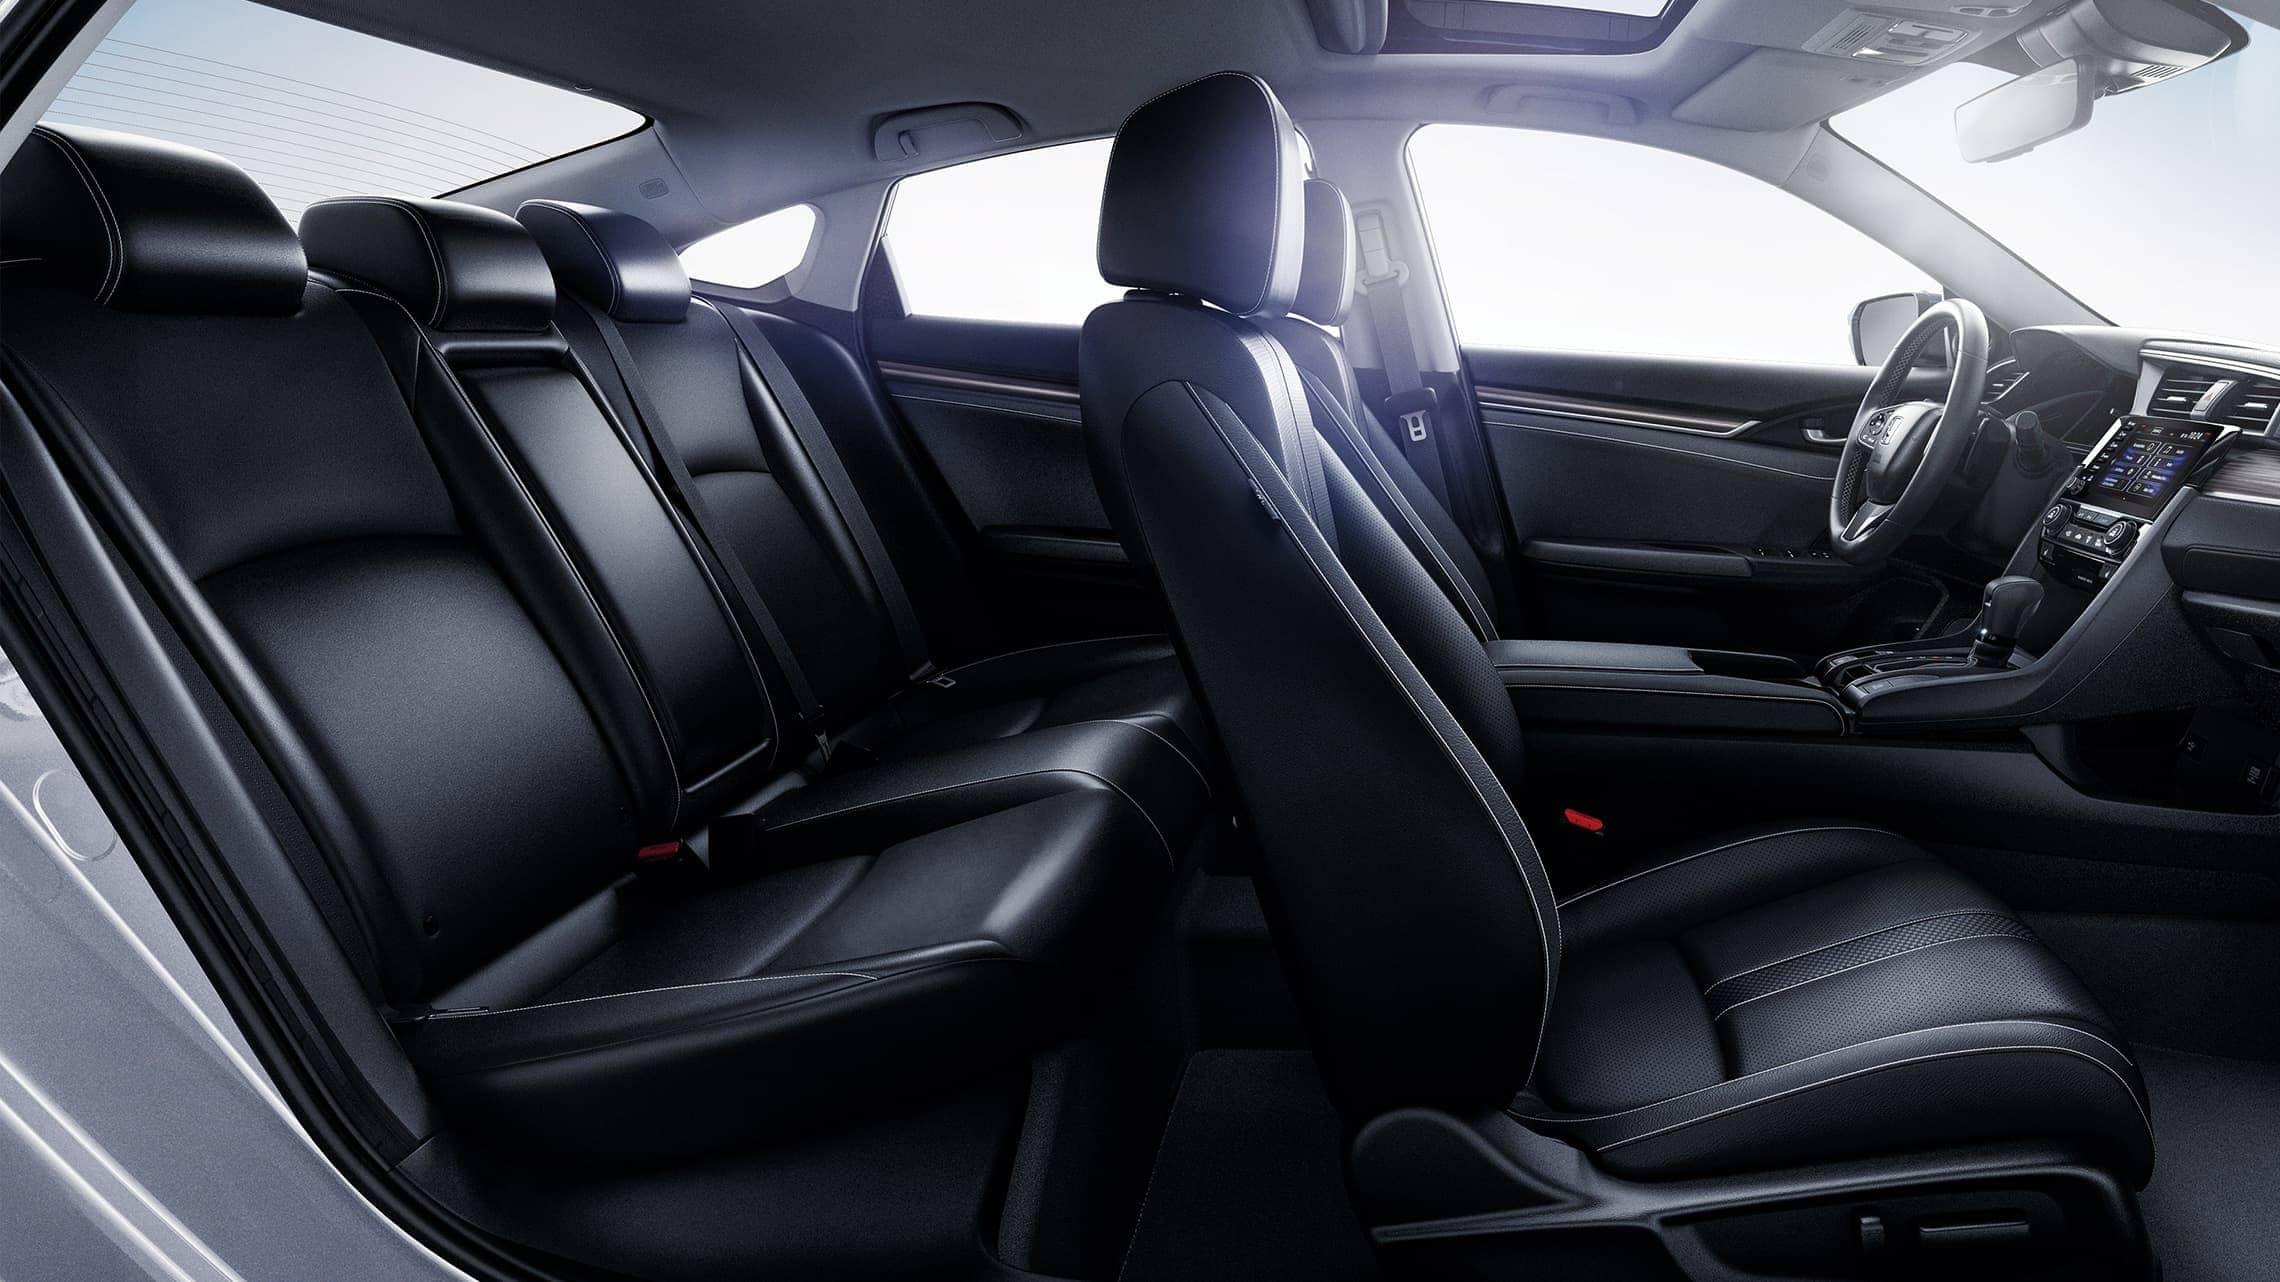 Vista del interior desde el lado del pasajero del Honda Civic Touring Sedán2020 con interior en Black Leather.